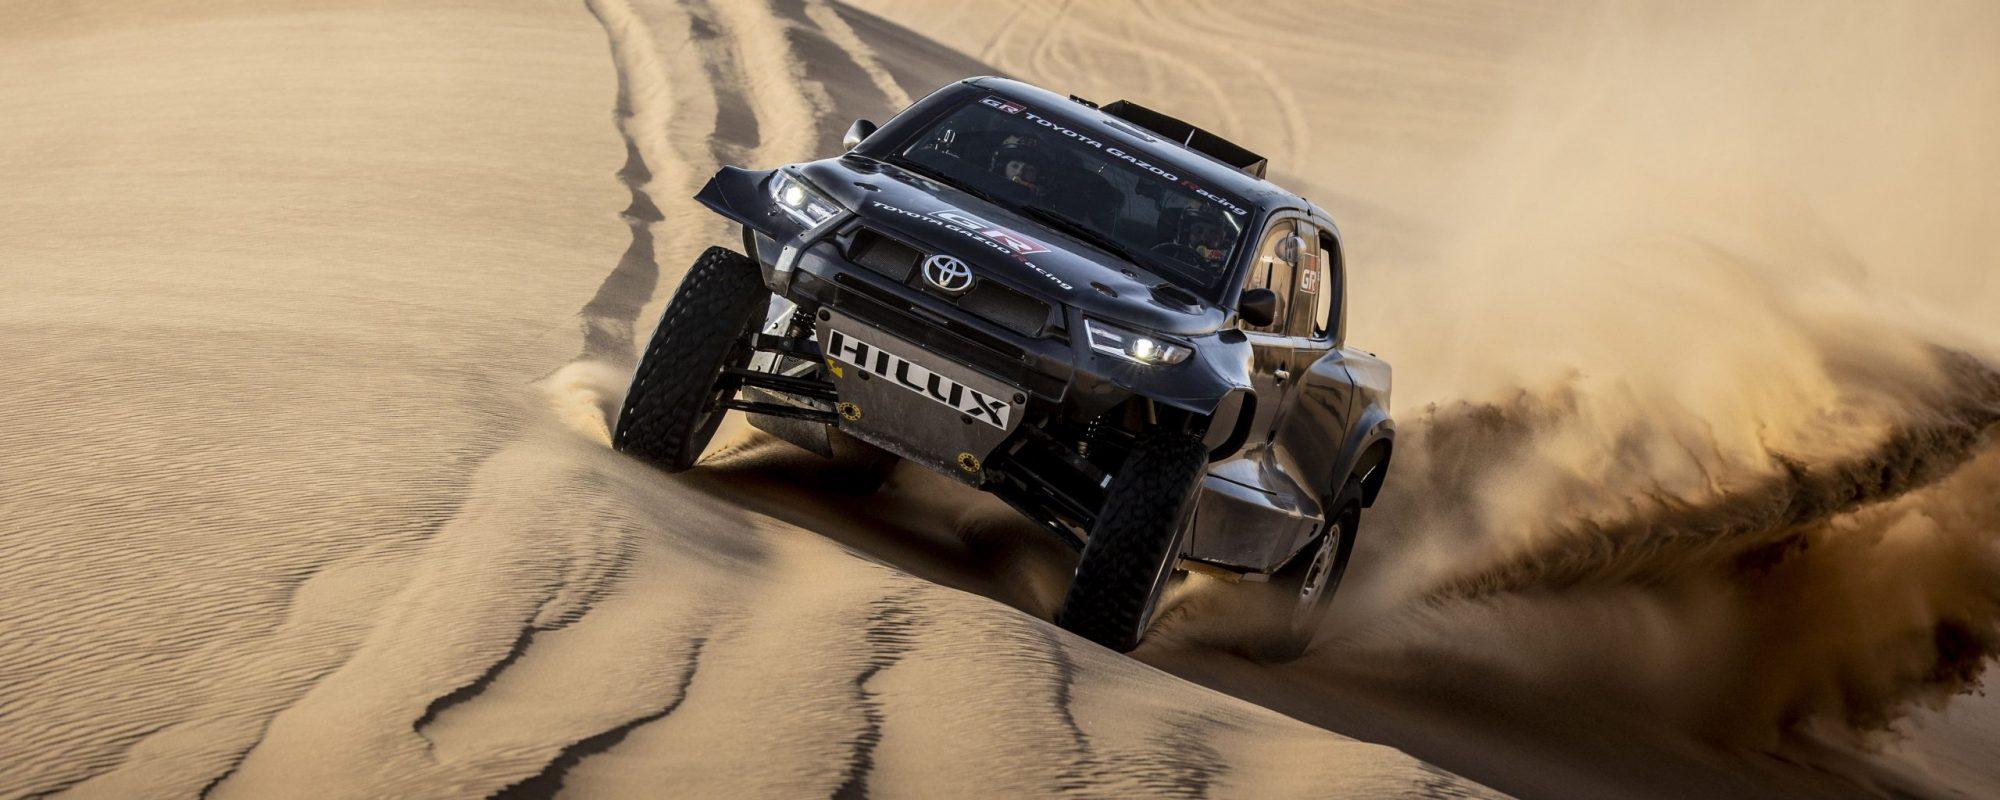 Toyota GAZOO Racing met vier Toyota's Hilux aan de start van de Dakar Rally